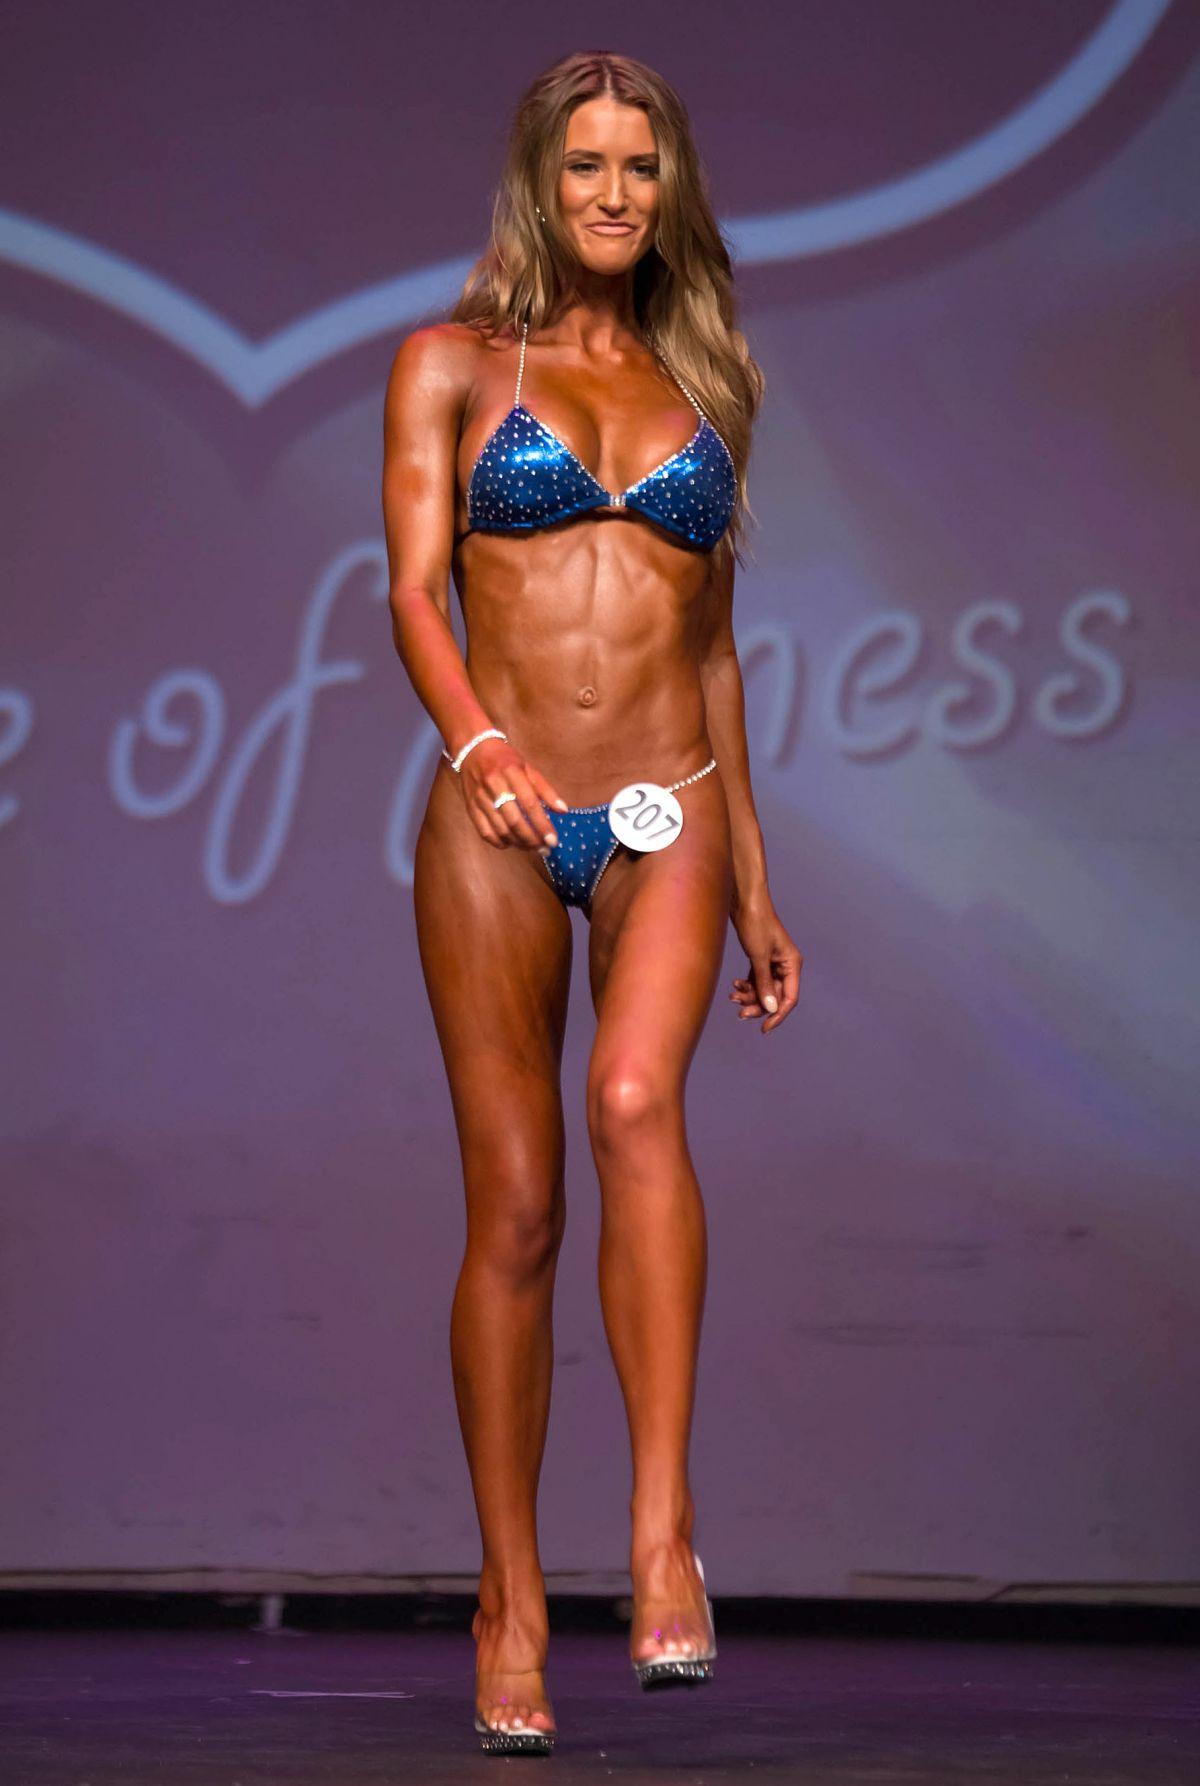 DANICA THRALL at Miami Pro Fitness Ms  Bikini - HawtCelebs